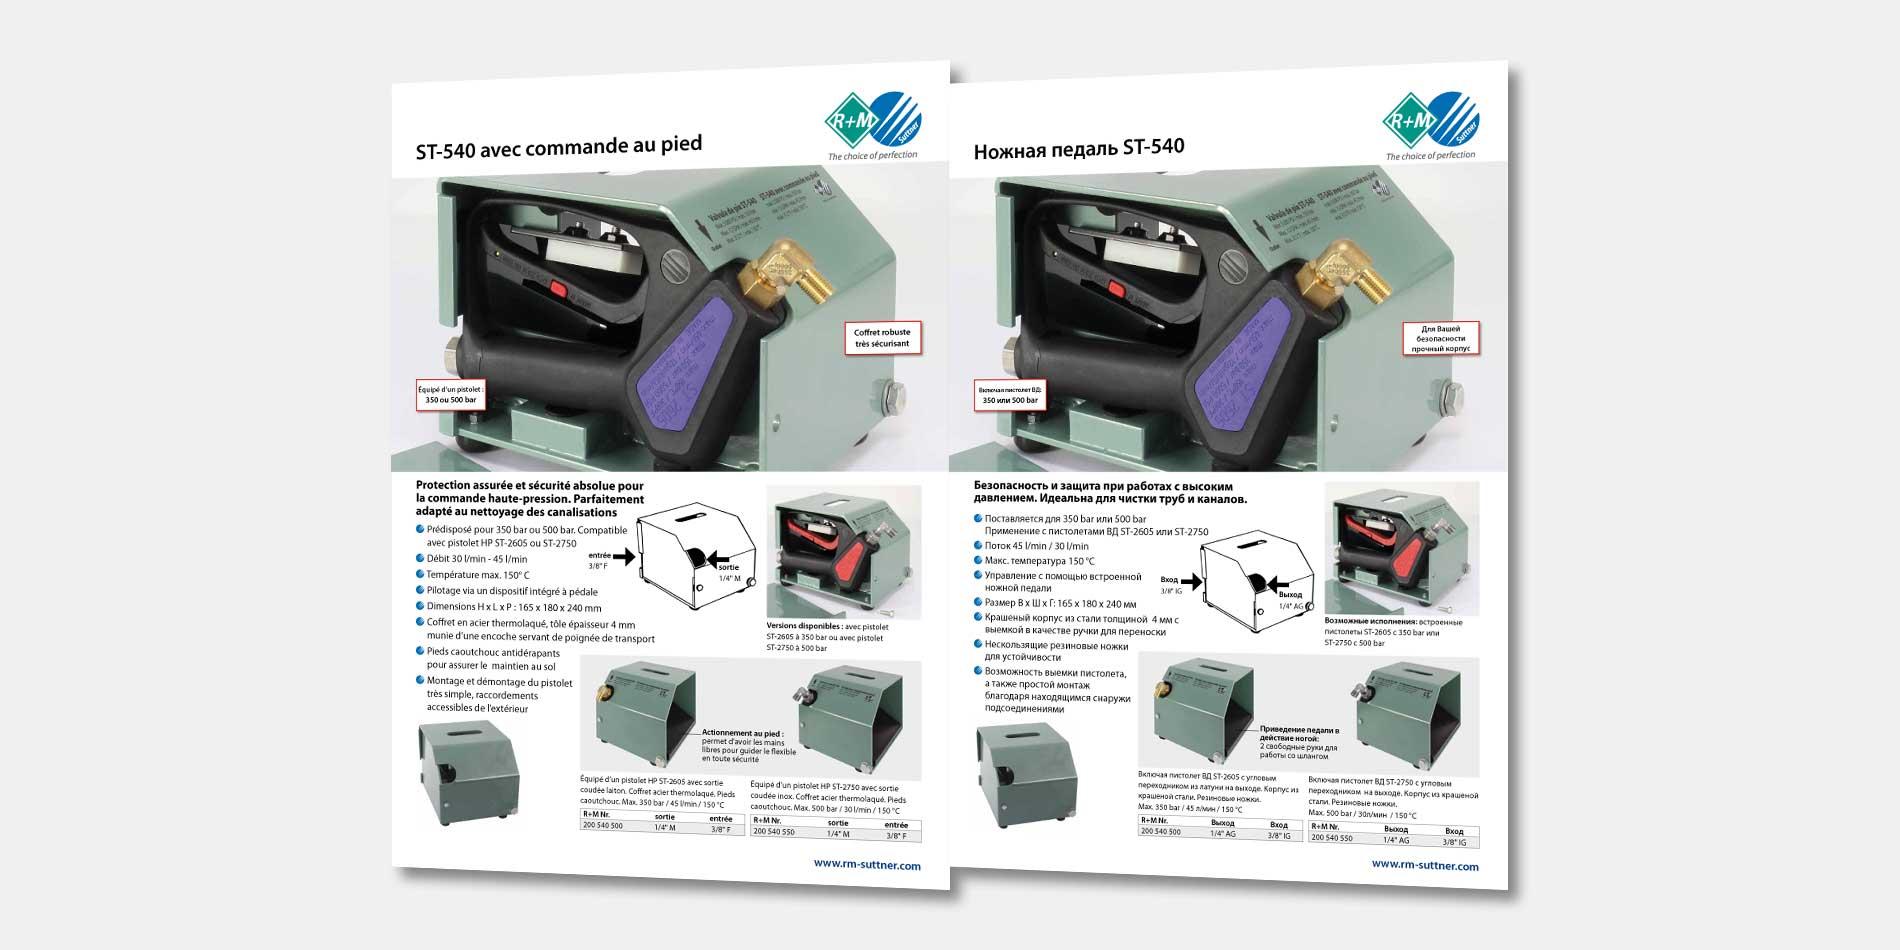 Für FR und RU. Fußschalter ST-540 für Ihre Sicherheit und den Schutz bei der Hochdruckreinigung